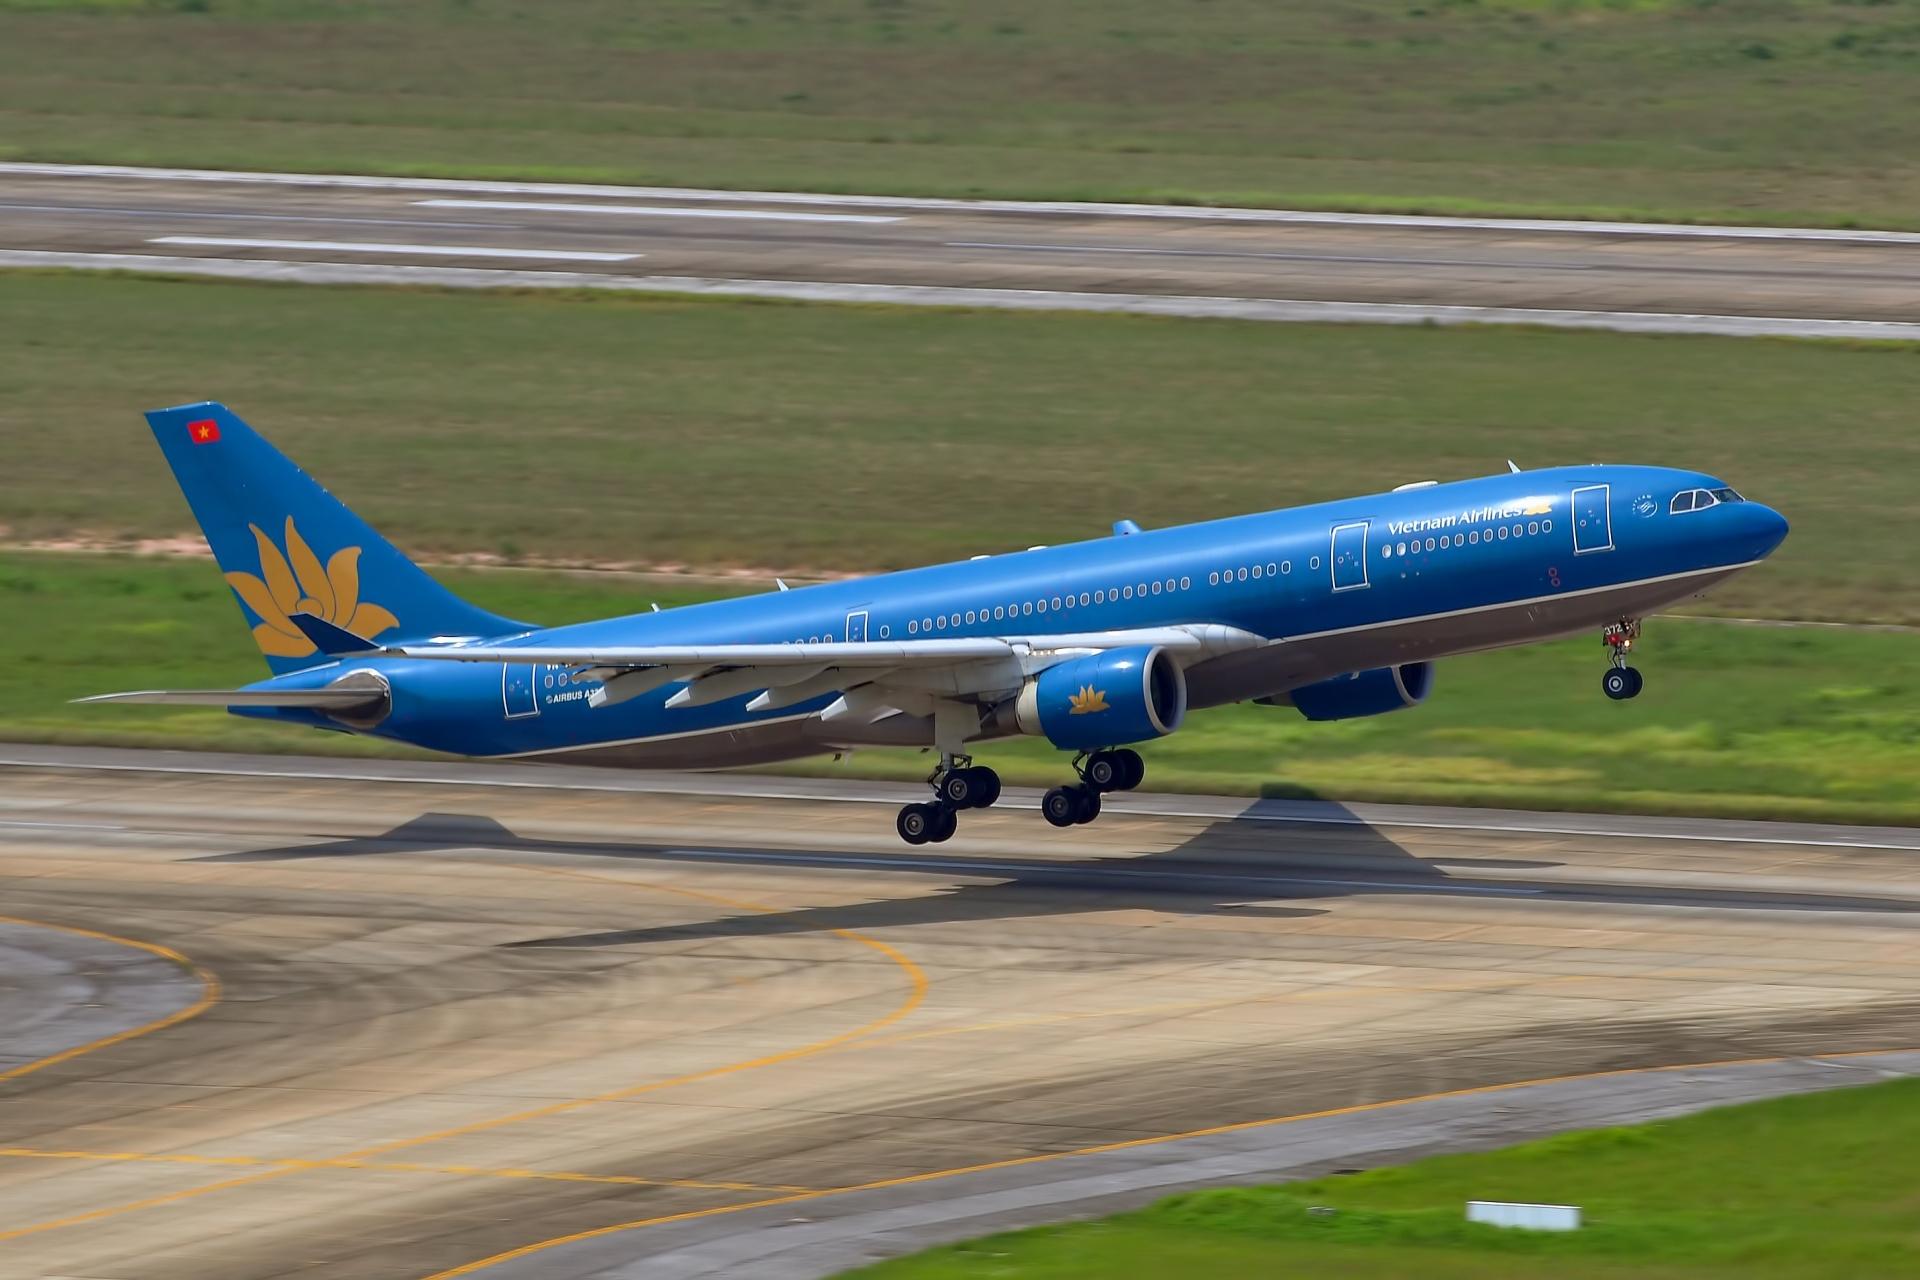 Hình ảnh máy bay xanh đẹp